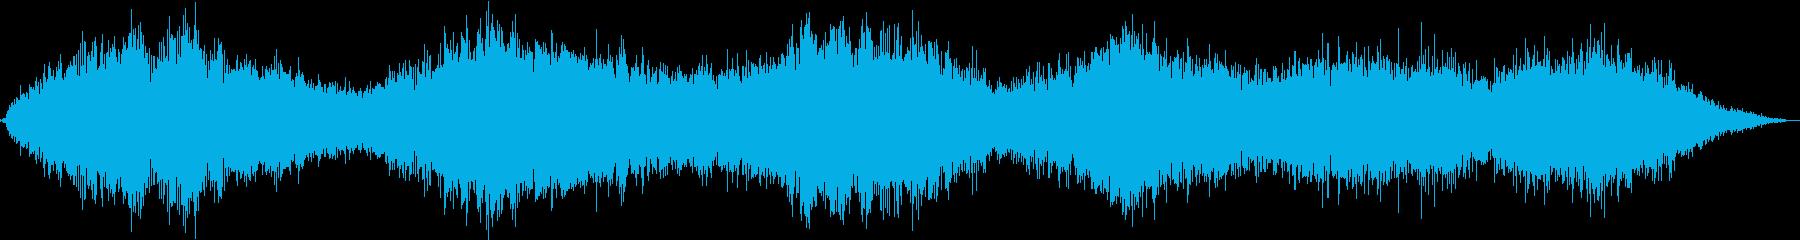 エリー音色効果のあるスパイラルデン...の再生済みの波形